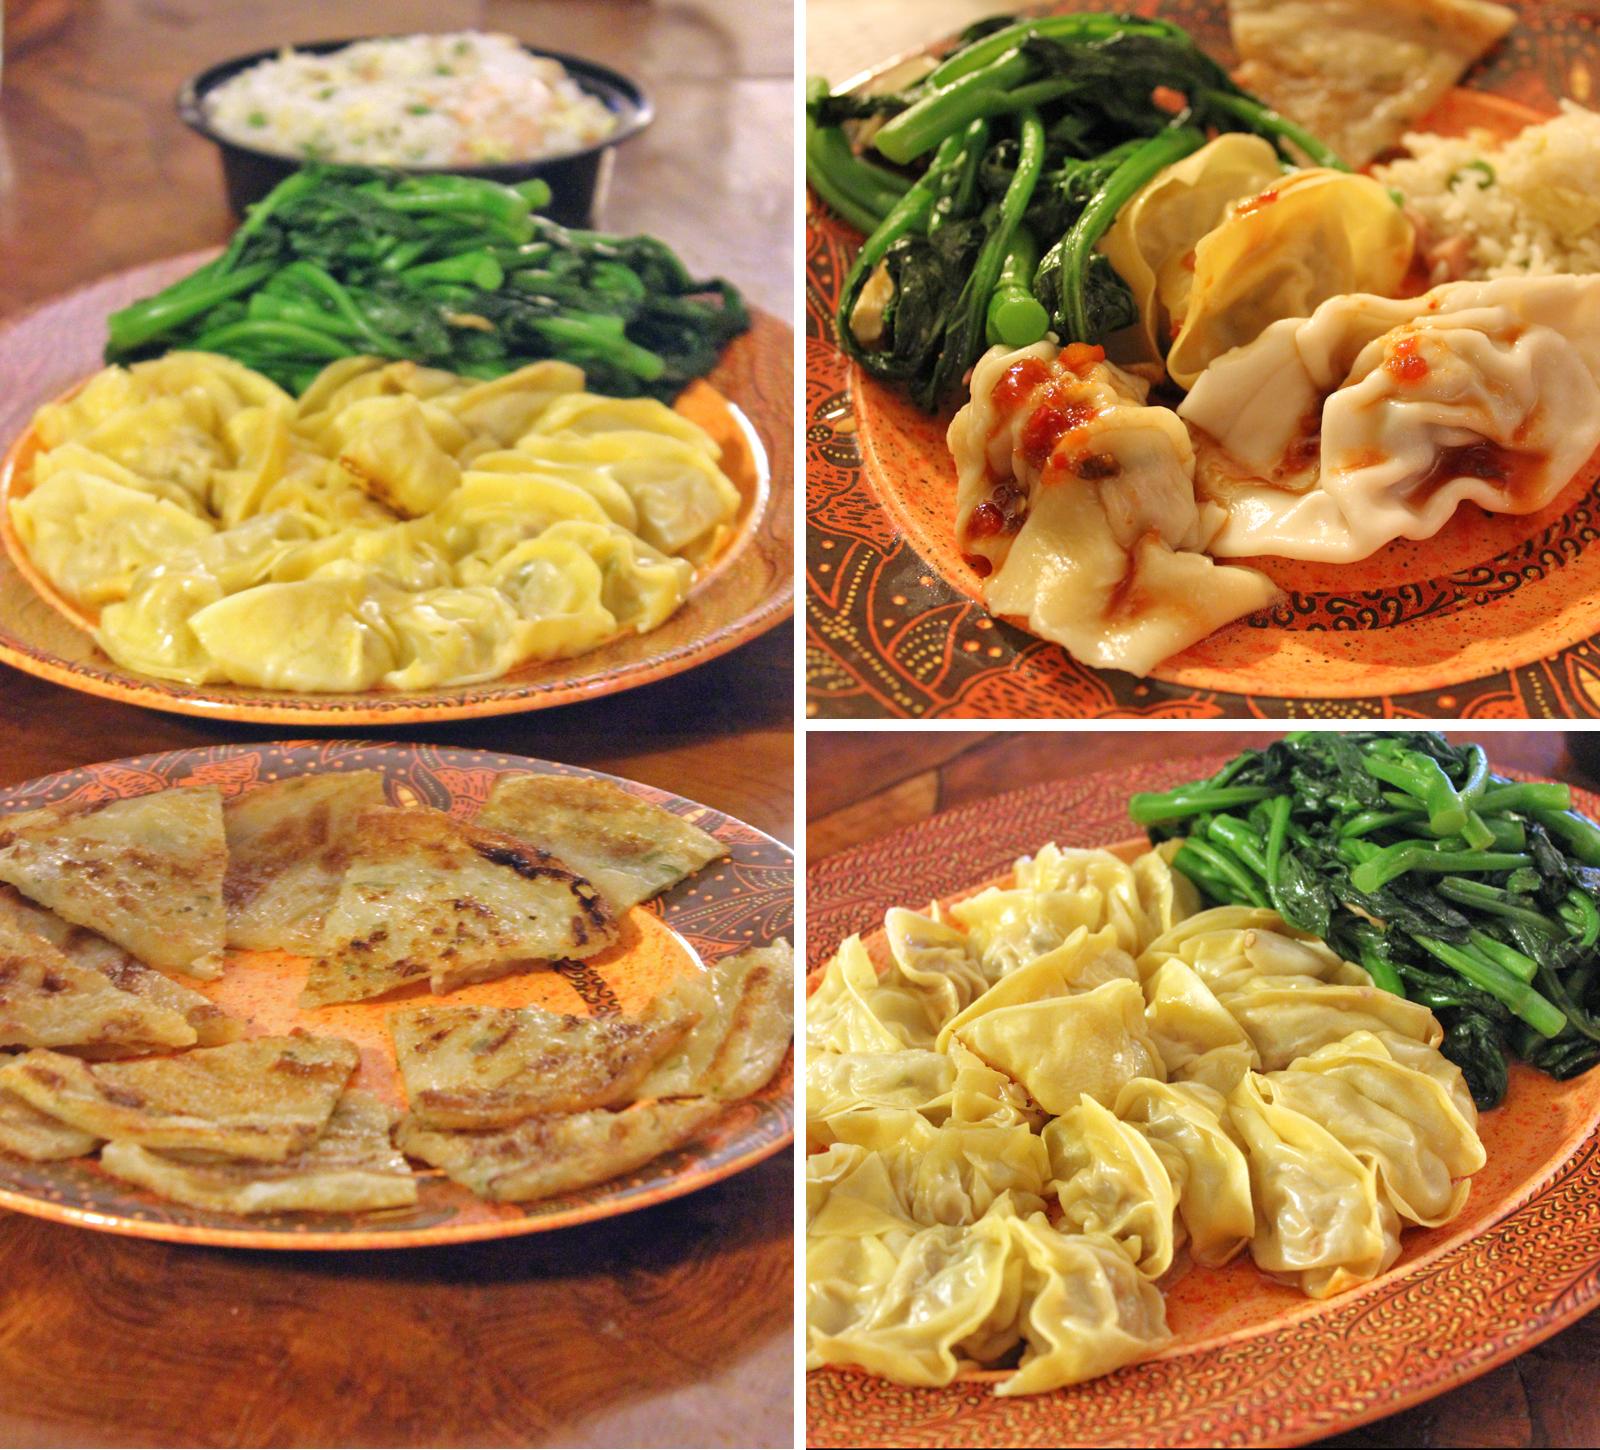 dumplings-done